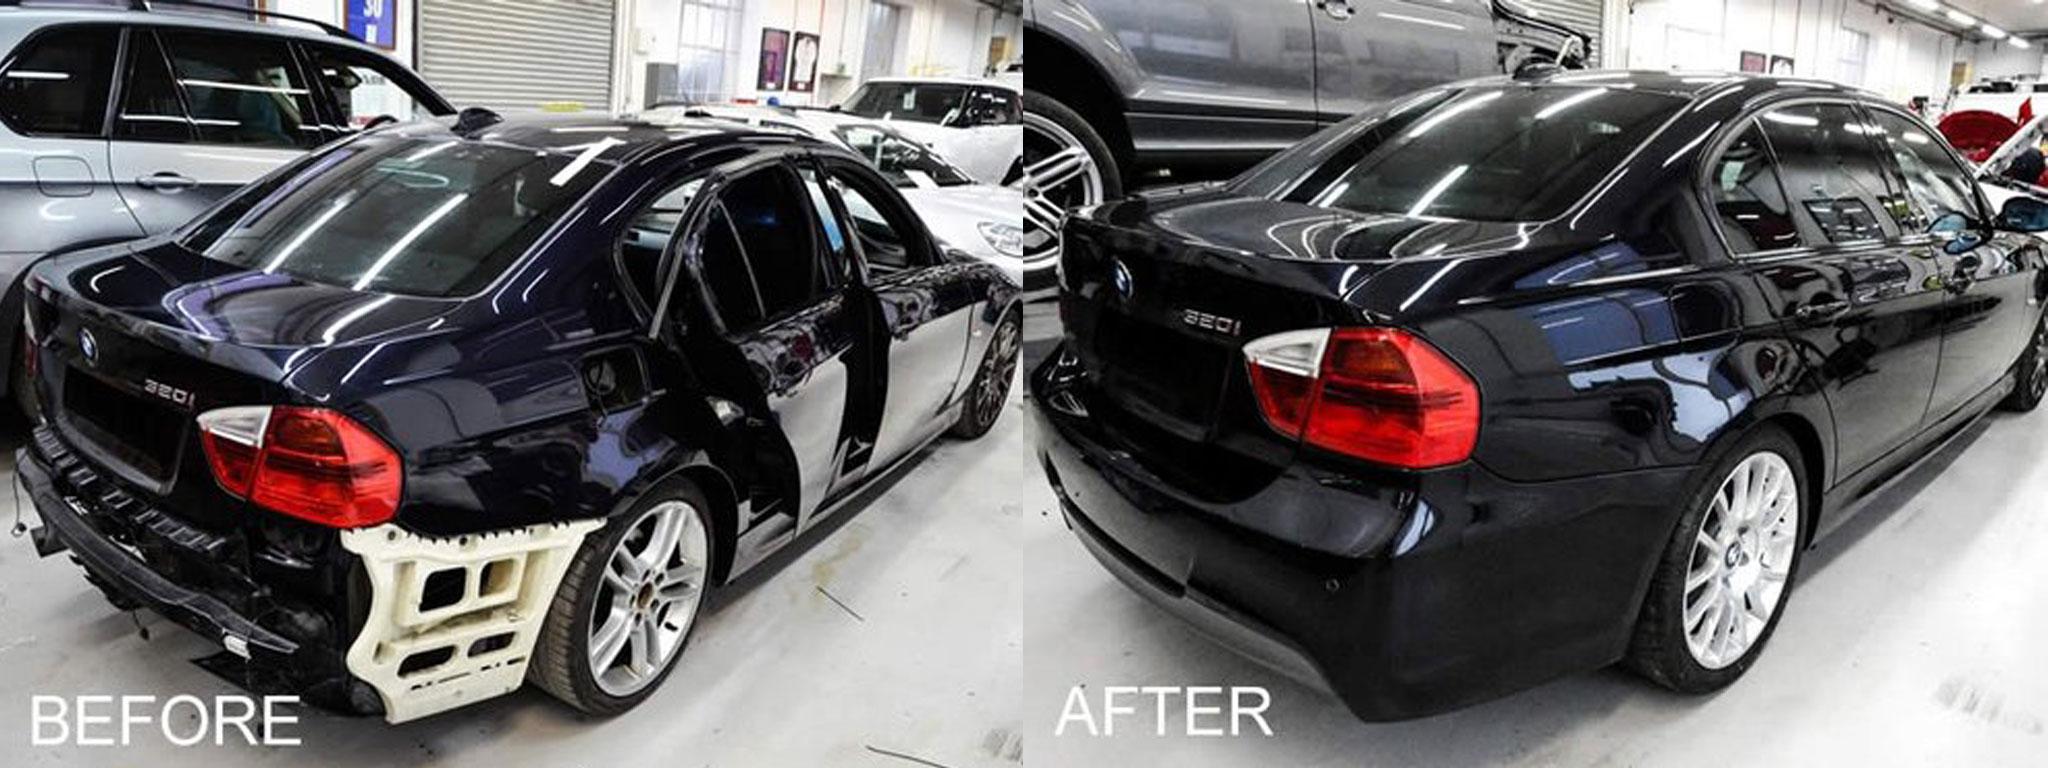 BMW scratch repair